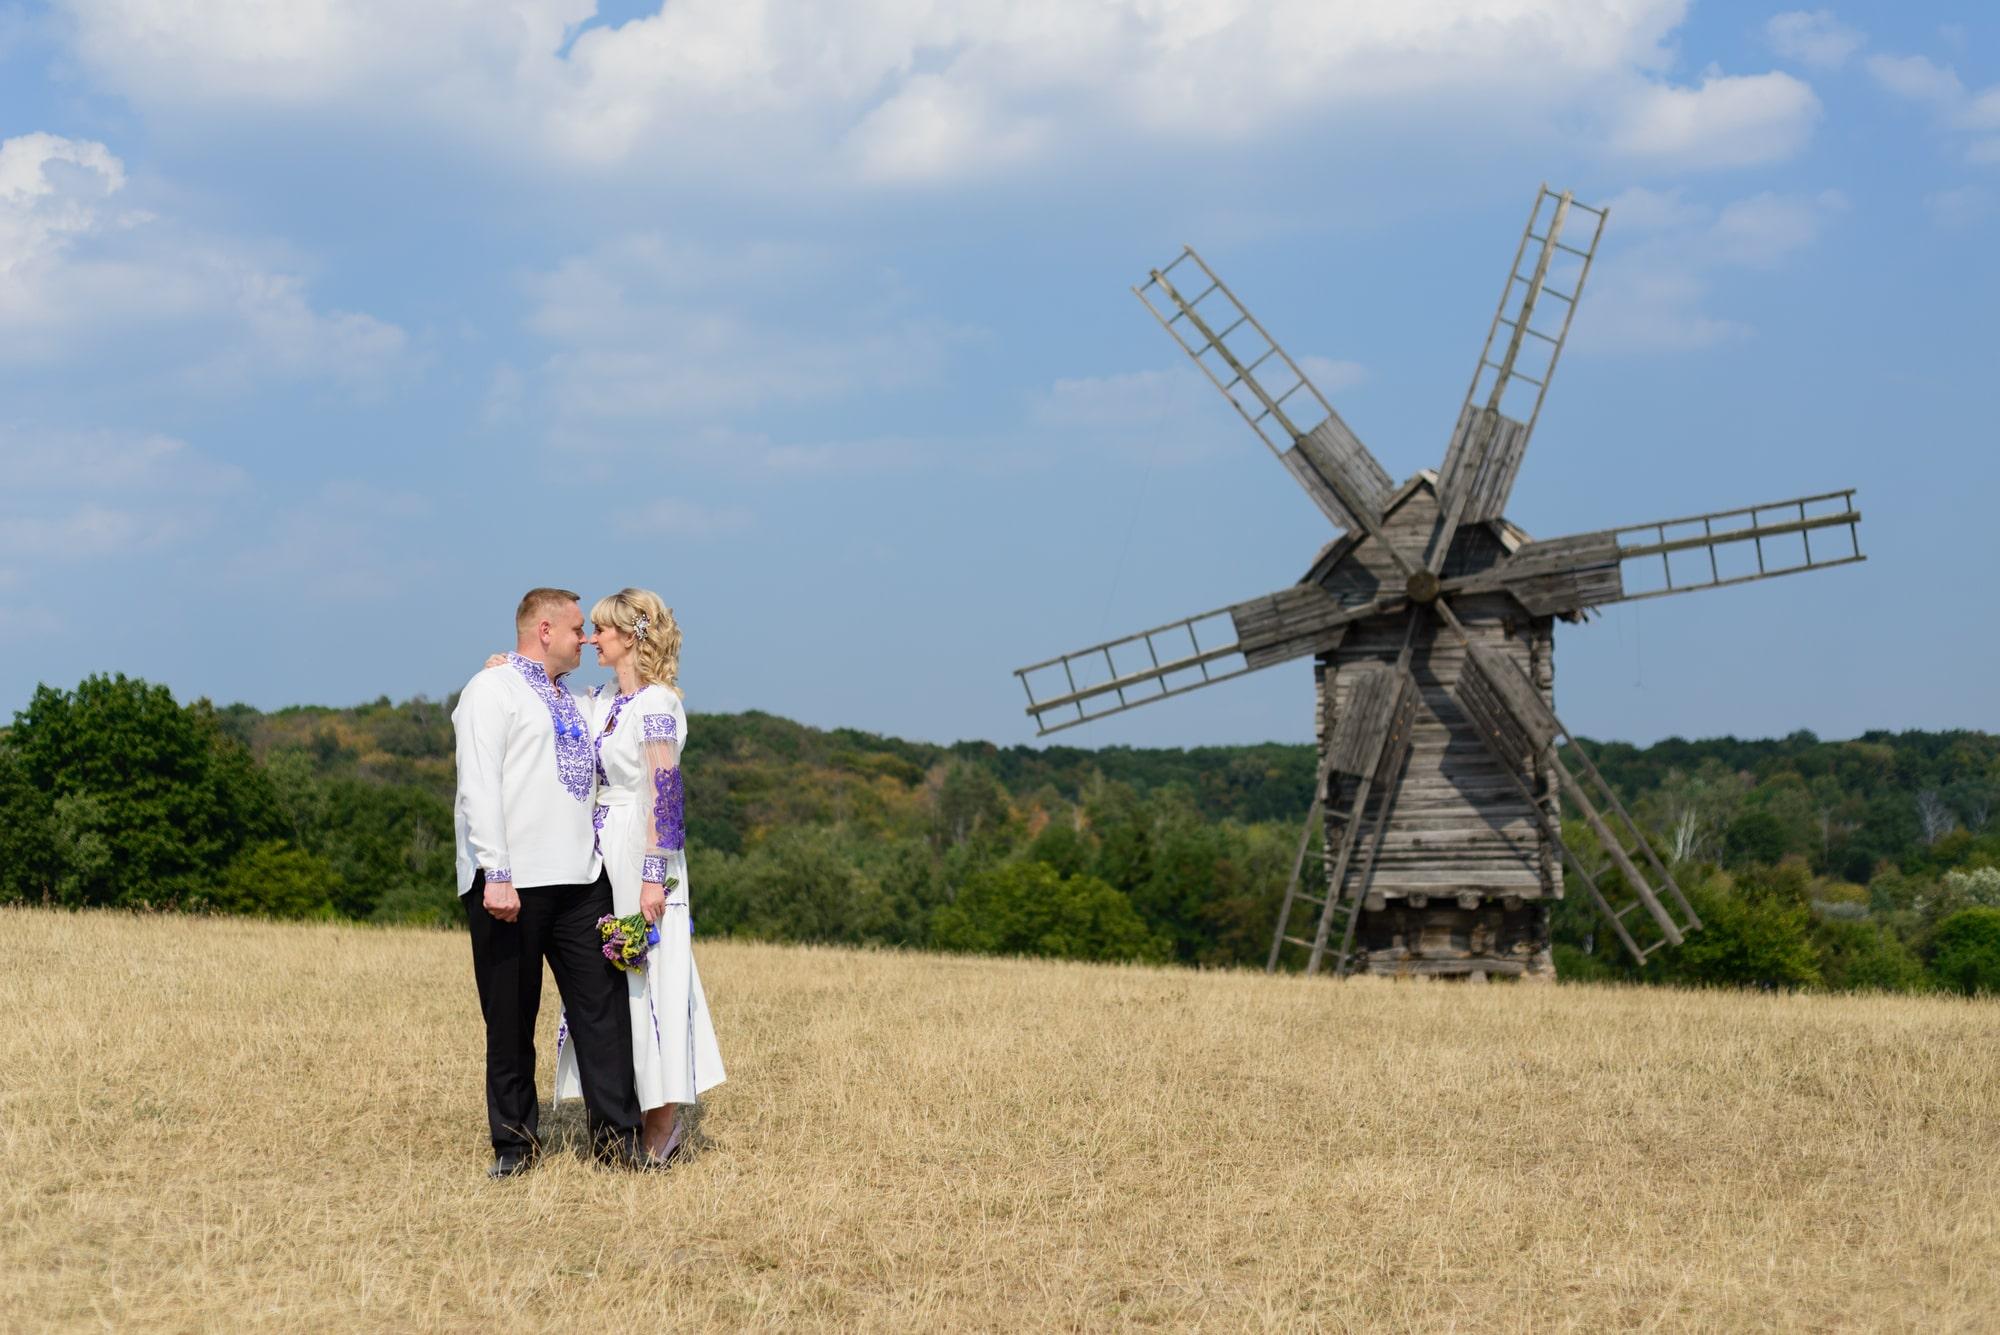 Свадебная фотосессия в Пирогово - возле мельниц